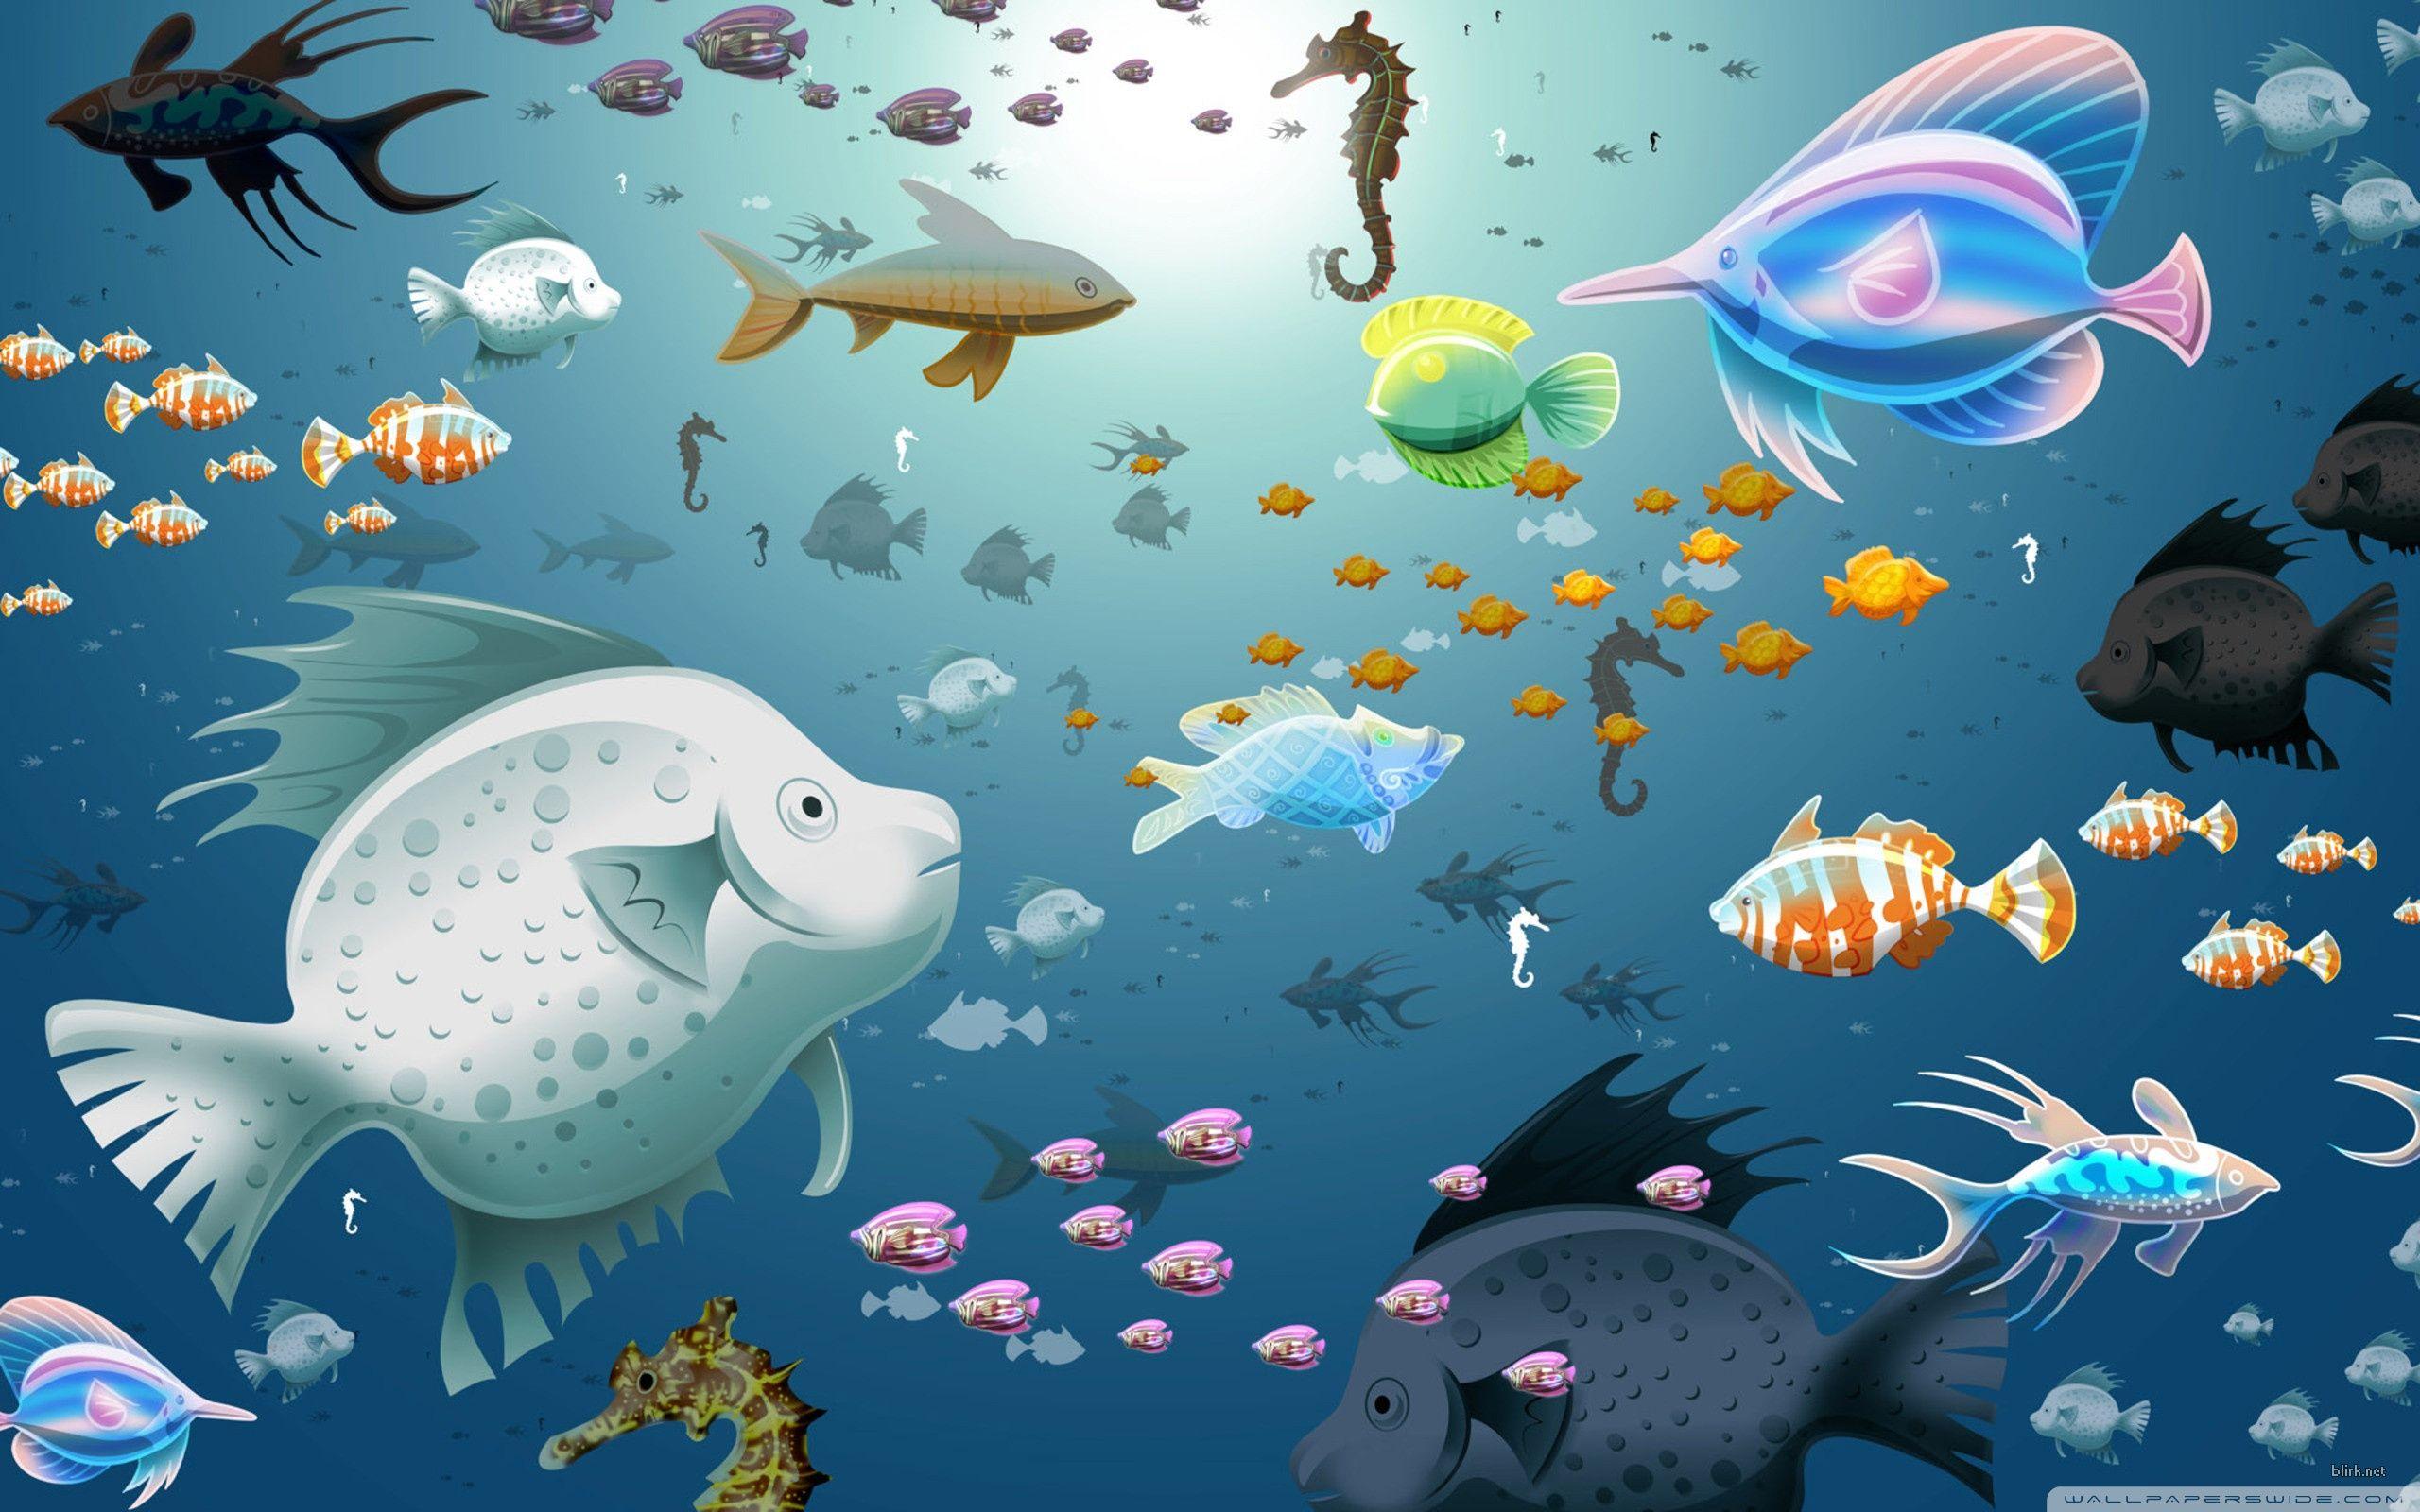 Aquarium Fish HD desktop wallpaper Widescreen High Definition